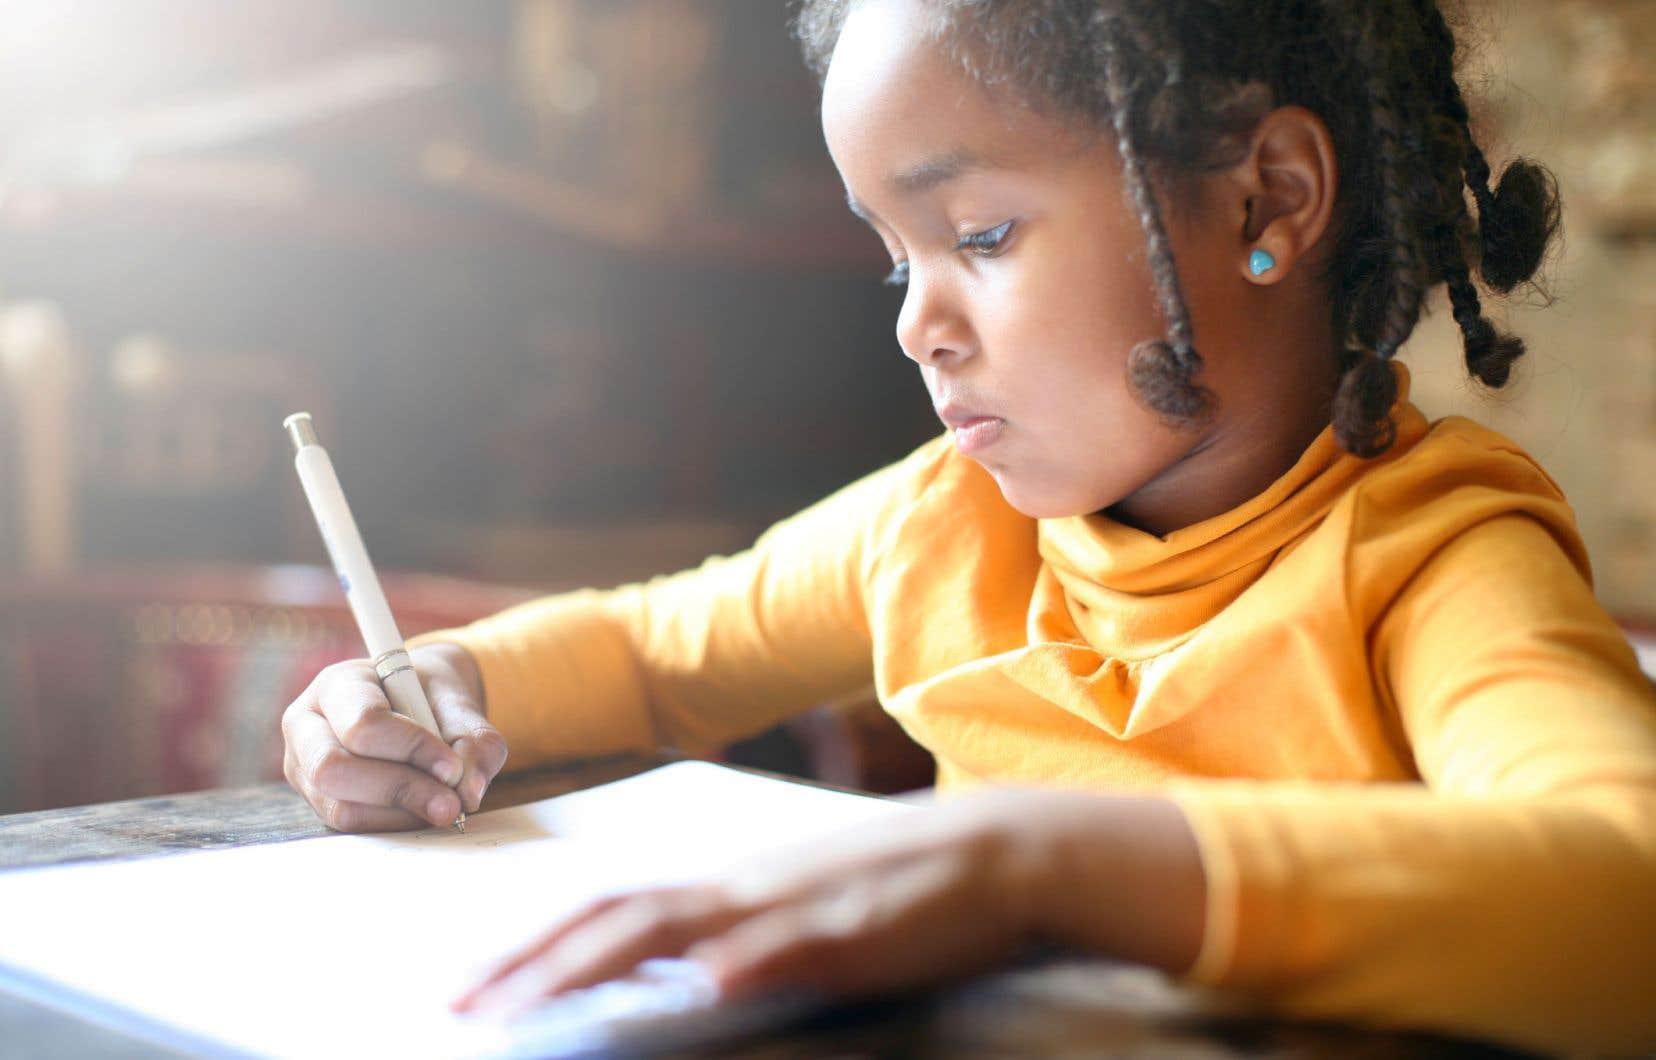 La douance est un défi parmi tant d'autres dans le vaste champ de l'adaptation scolaire, selon Myriam Lemire, directrice adjointe des ressources éducatives de la Commission scolaire Marguerite-Bourgeoys.